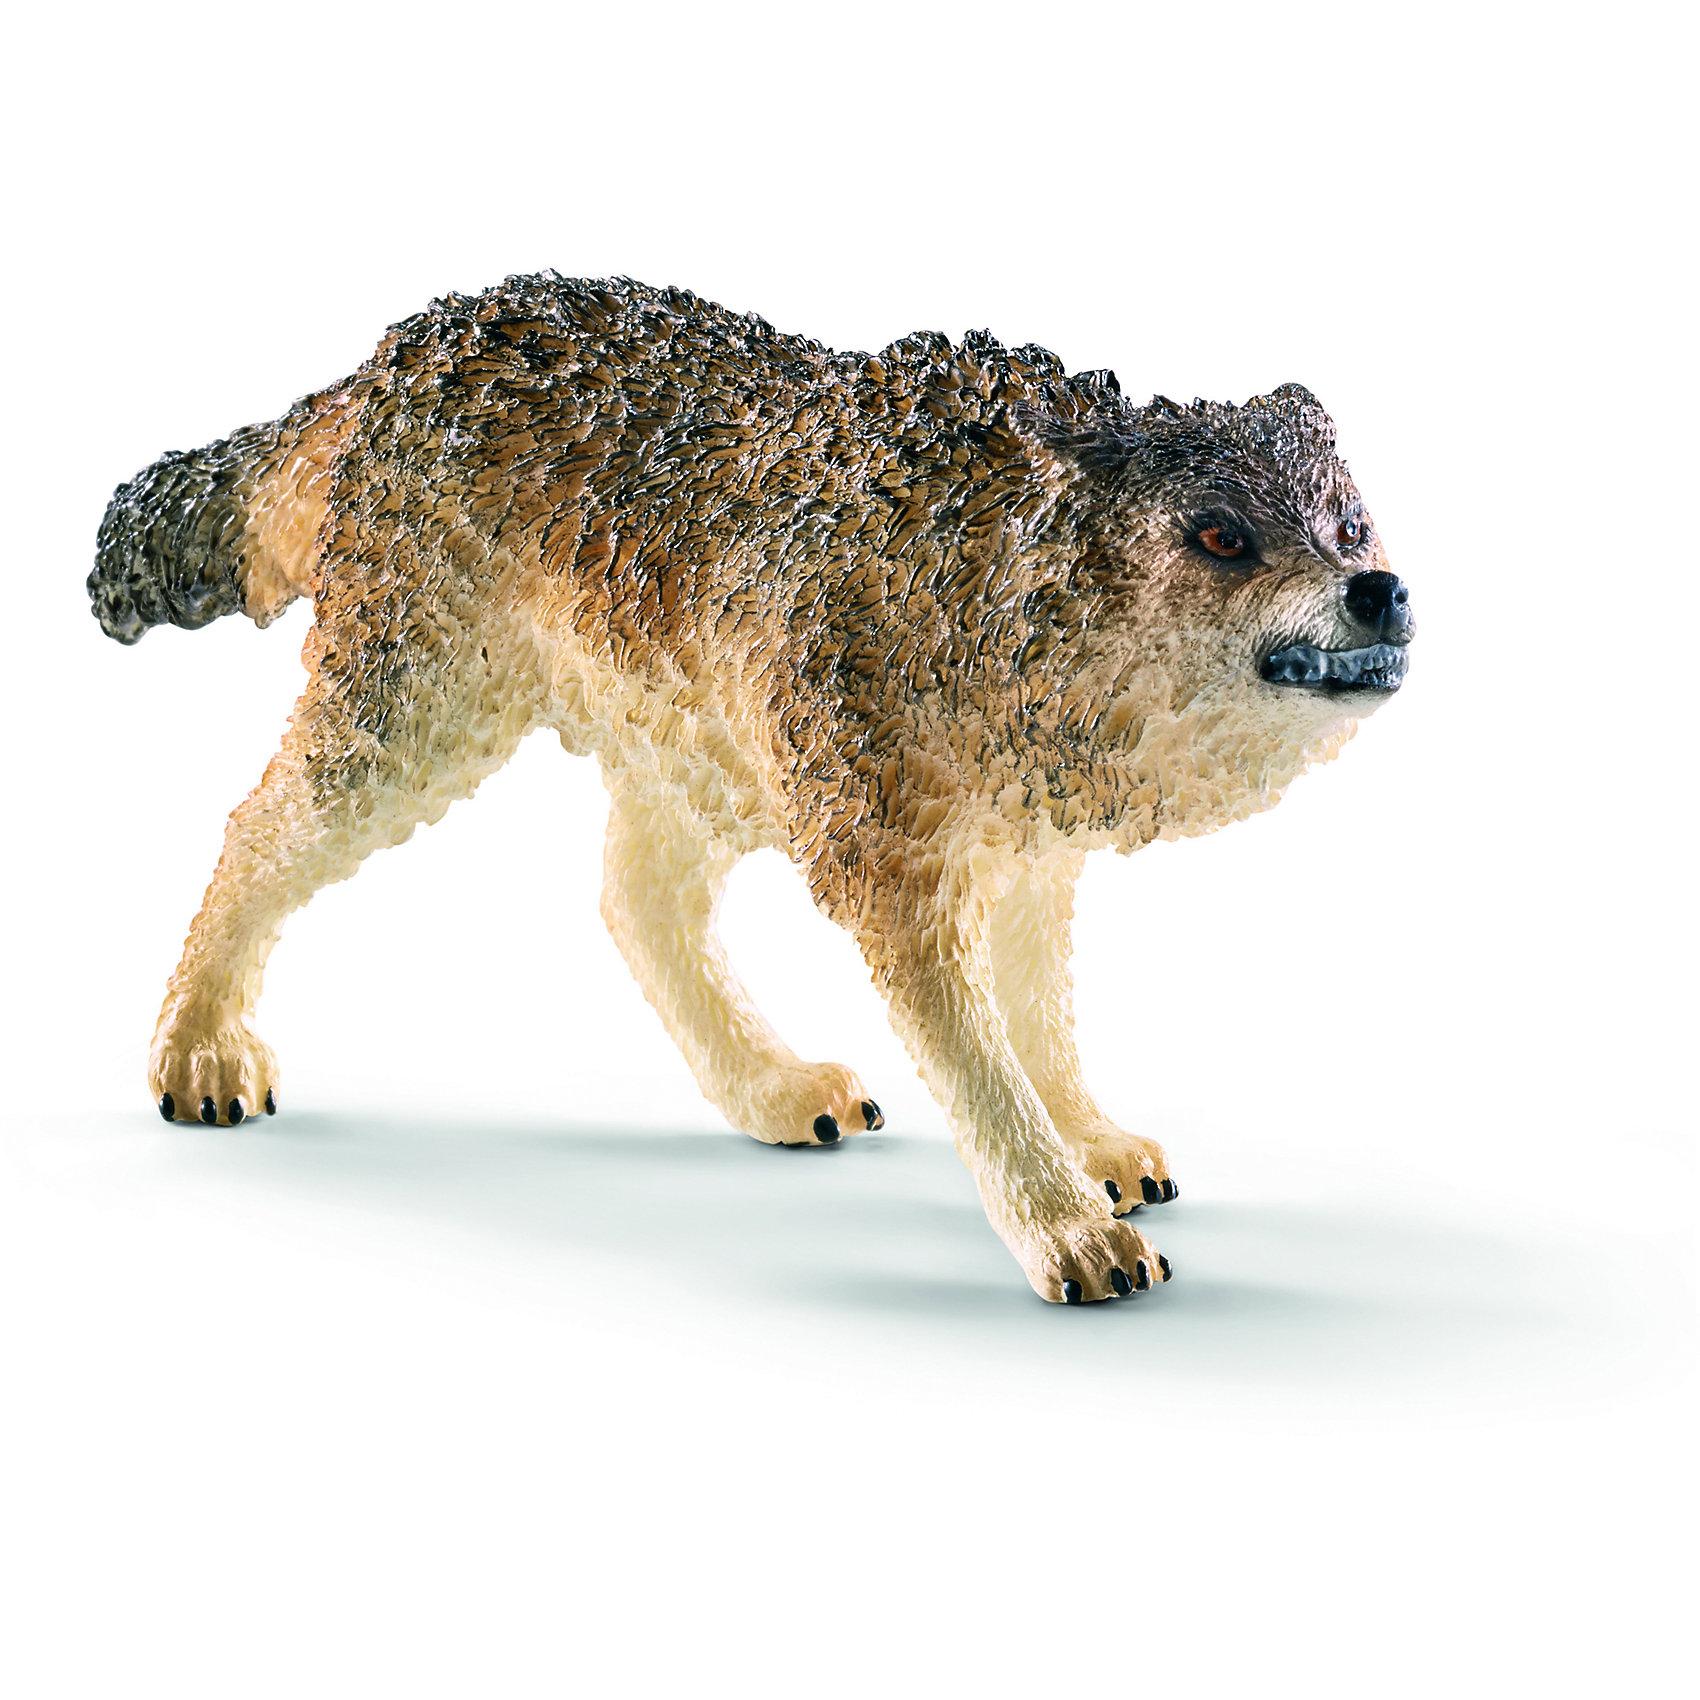 Волк, SchleichМир животных<br>Волк, Schleich (Шляйх) – это высококачественная коллекционная и игровая фигурка.<br>Фигурка Волка прекрасно разнообразит игру вашего ребенка и станет отличным пополнением коллекции его фигурок животных. Родственники обыкновенного волка - койот и шакал. Волк - прямой предок современных собак. Волки - санитары леса. Уничтожают слабых или чрезмерно размножившихся животных, регулируя баланс экосистемы. Волки - хищные животные, в голодное время не брезгуют и падалью. Вой волка в тундре может распространяться до 8 км. Так волки общаются, передавая по цепочке информацию о движущихся стадах. Волк может разгоняться до 60 км/ ч и делать ночные переходы длиной до 80 км. Стая волков может разделиться во время охоты. Часть волков будет гнать дичь, сменяя друг друга; другие волки будут поджидать в засаде. <br>Прекрасно выполненные фигурки Schleich (Шляйх) являются максимально точной копией настоящих животных и отличаются высочайшим качеством игрушек ручной работы. Каждая фигурка разработана с учетом исследований в области педагогики и производится как настоящее произведение для маленьких детских ручек. Все фигурки Schleich (Шляйх) сделаны из гипоаллергенных высокотехнологичных материалов, раскрашены вручную и не вызывают аллергии у ребенка.<br><br>Дополнительная информация:<br><br>- Размер фигурки: 4,4 х 2,5 х 11 см.<br>- Материал: высококачественный каучуковый пластик<br><br>Фигурку Волка, Schleich (Шляйх) можно купить в нашем интернет-магазине.<br><br>Ширина мм: 114<br>Глубина мм: 63<br>Высота мм: 30<br>Вес г: 44<br>Возраст от месяцев: 36<br>Возраст до месяцев: 96<br>Пол: Унисекс<br>Возраст: Детский<br>SKU: 3902548